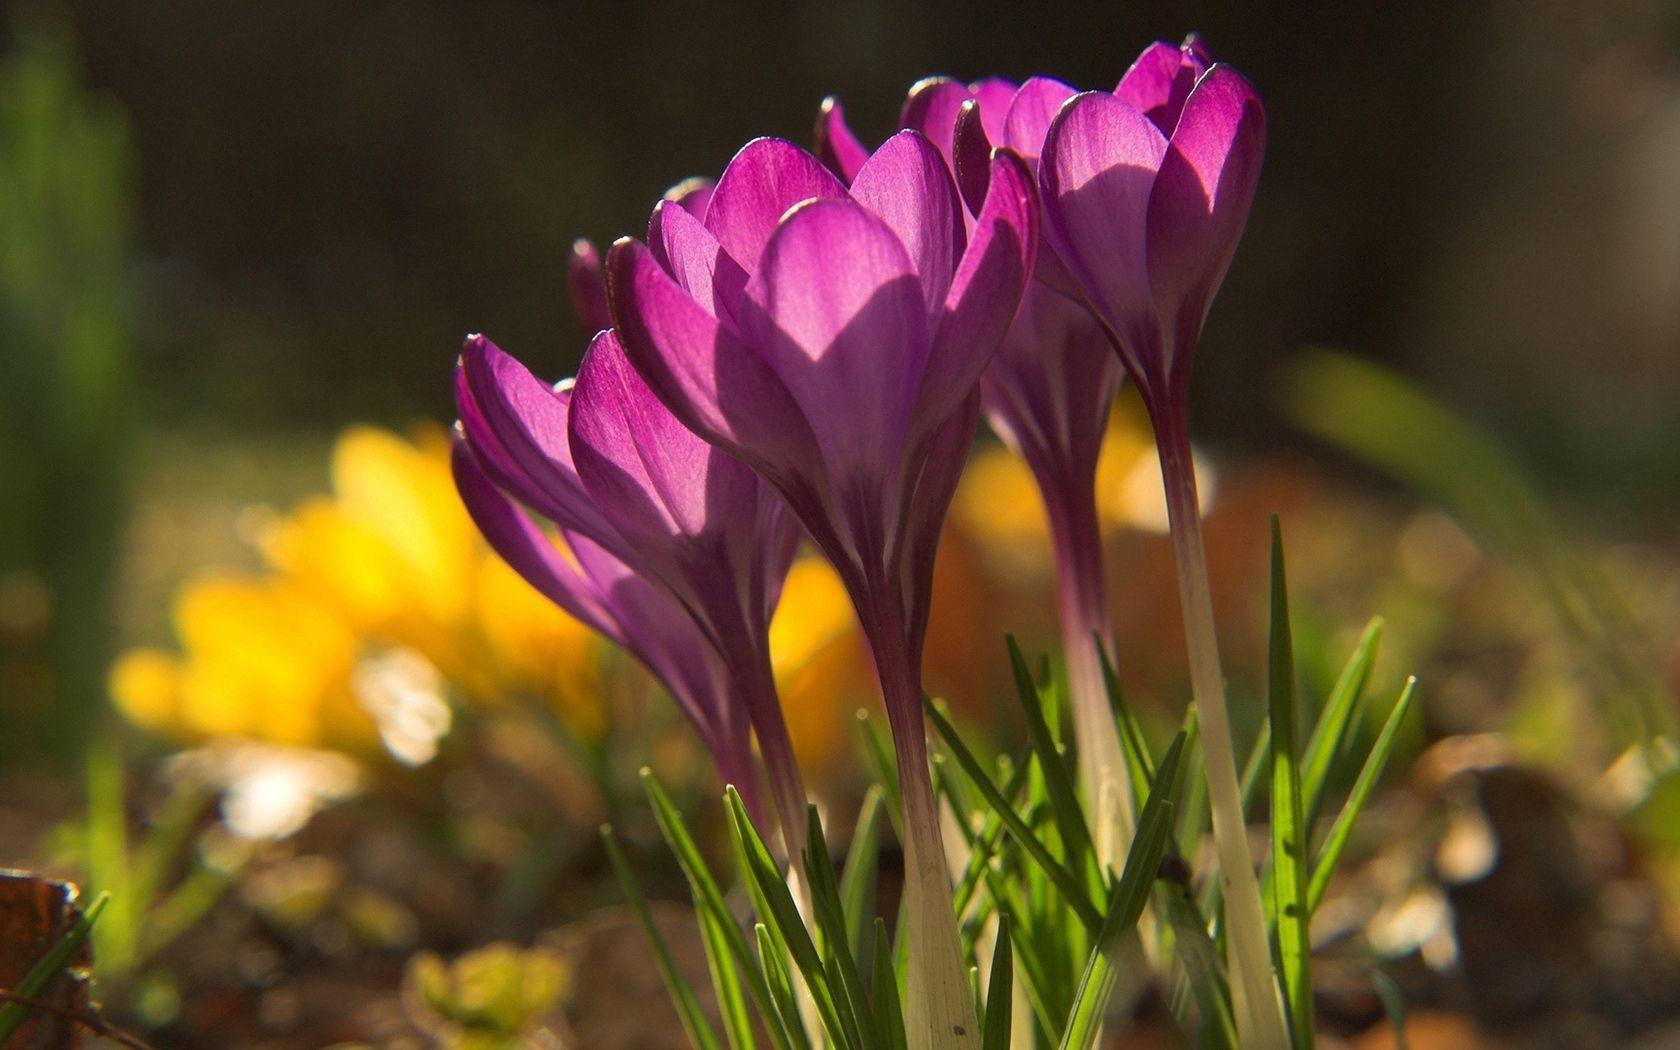 152349 Заставки и Обои Подснежники на телефон. Скачать Природа, Цветы, Подснежники, Растение, Тень картинки бесплатно